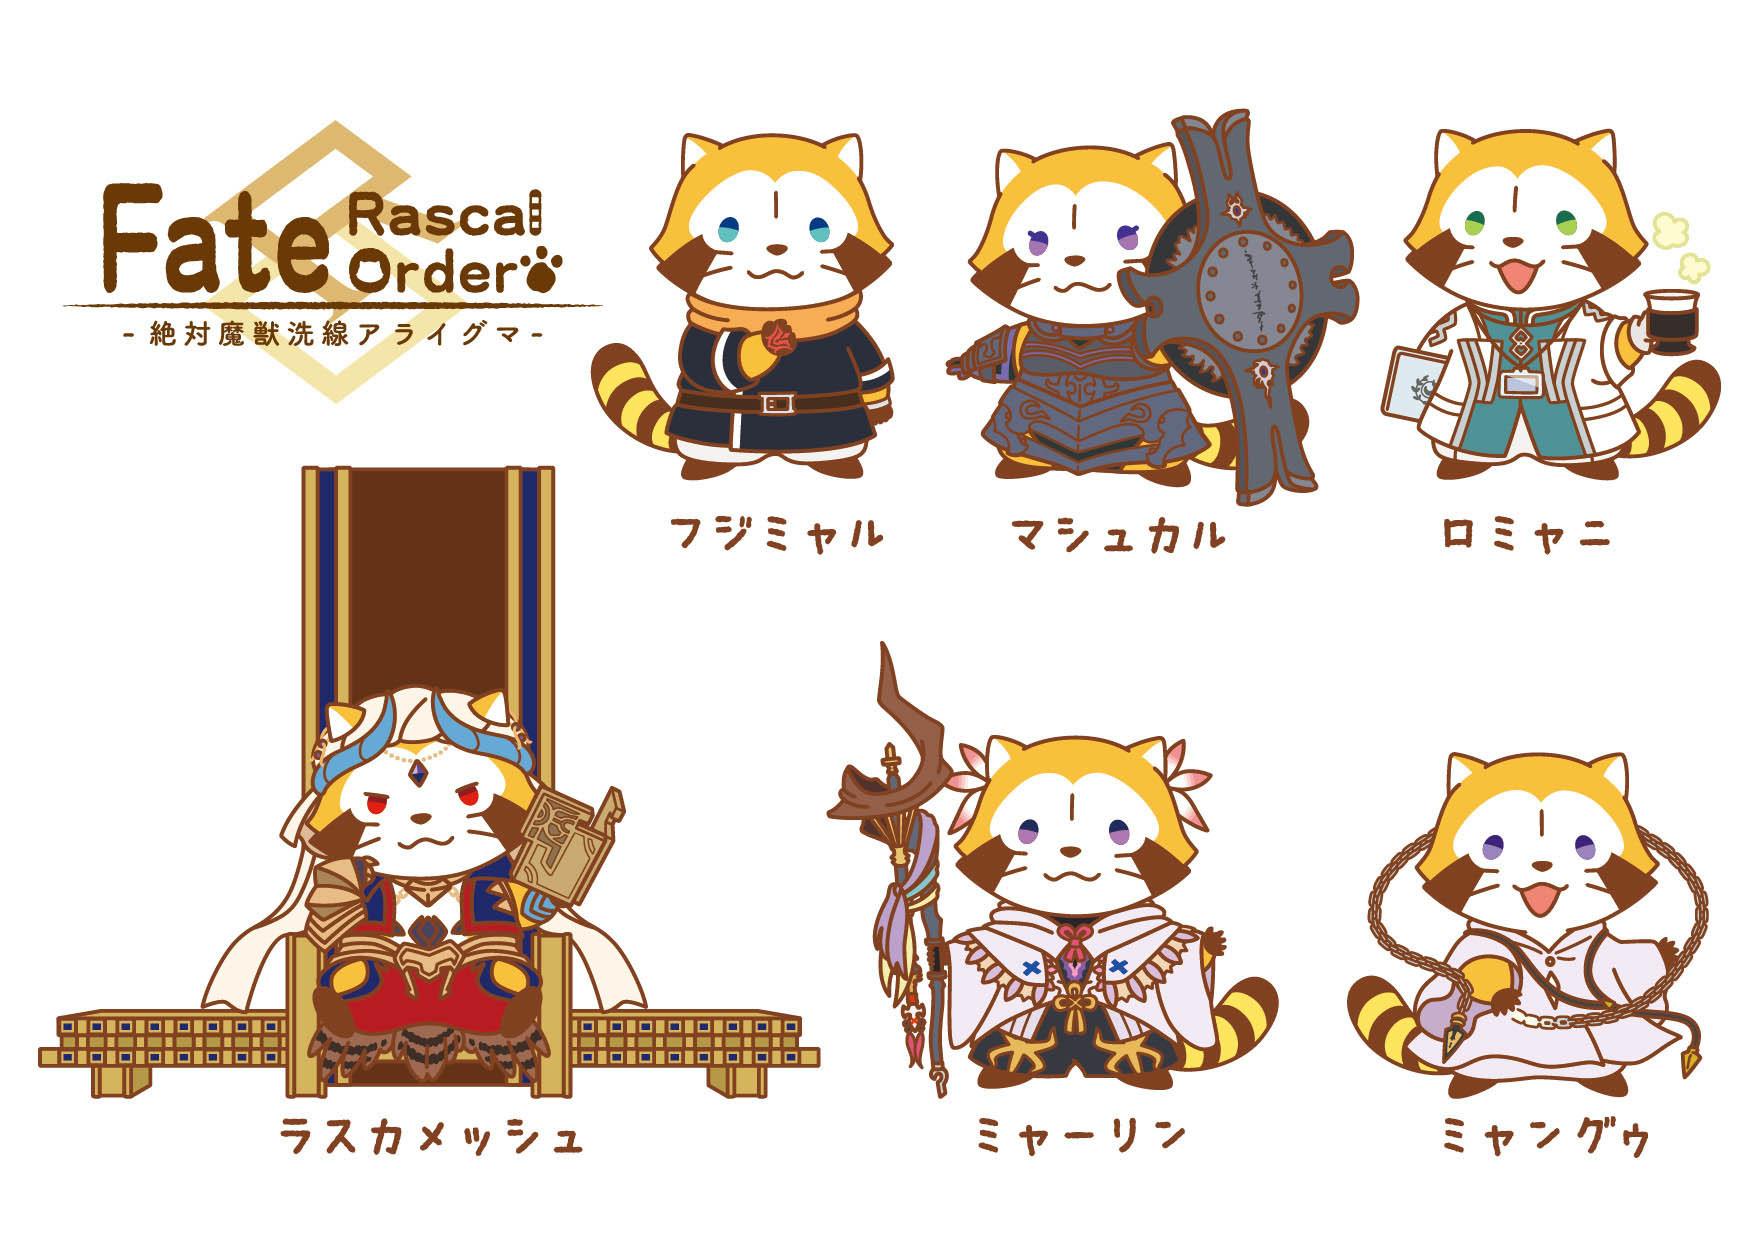 Tvアニメ Fgo ラスカル コラボが決定 Fate Rascal Order